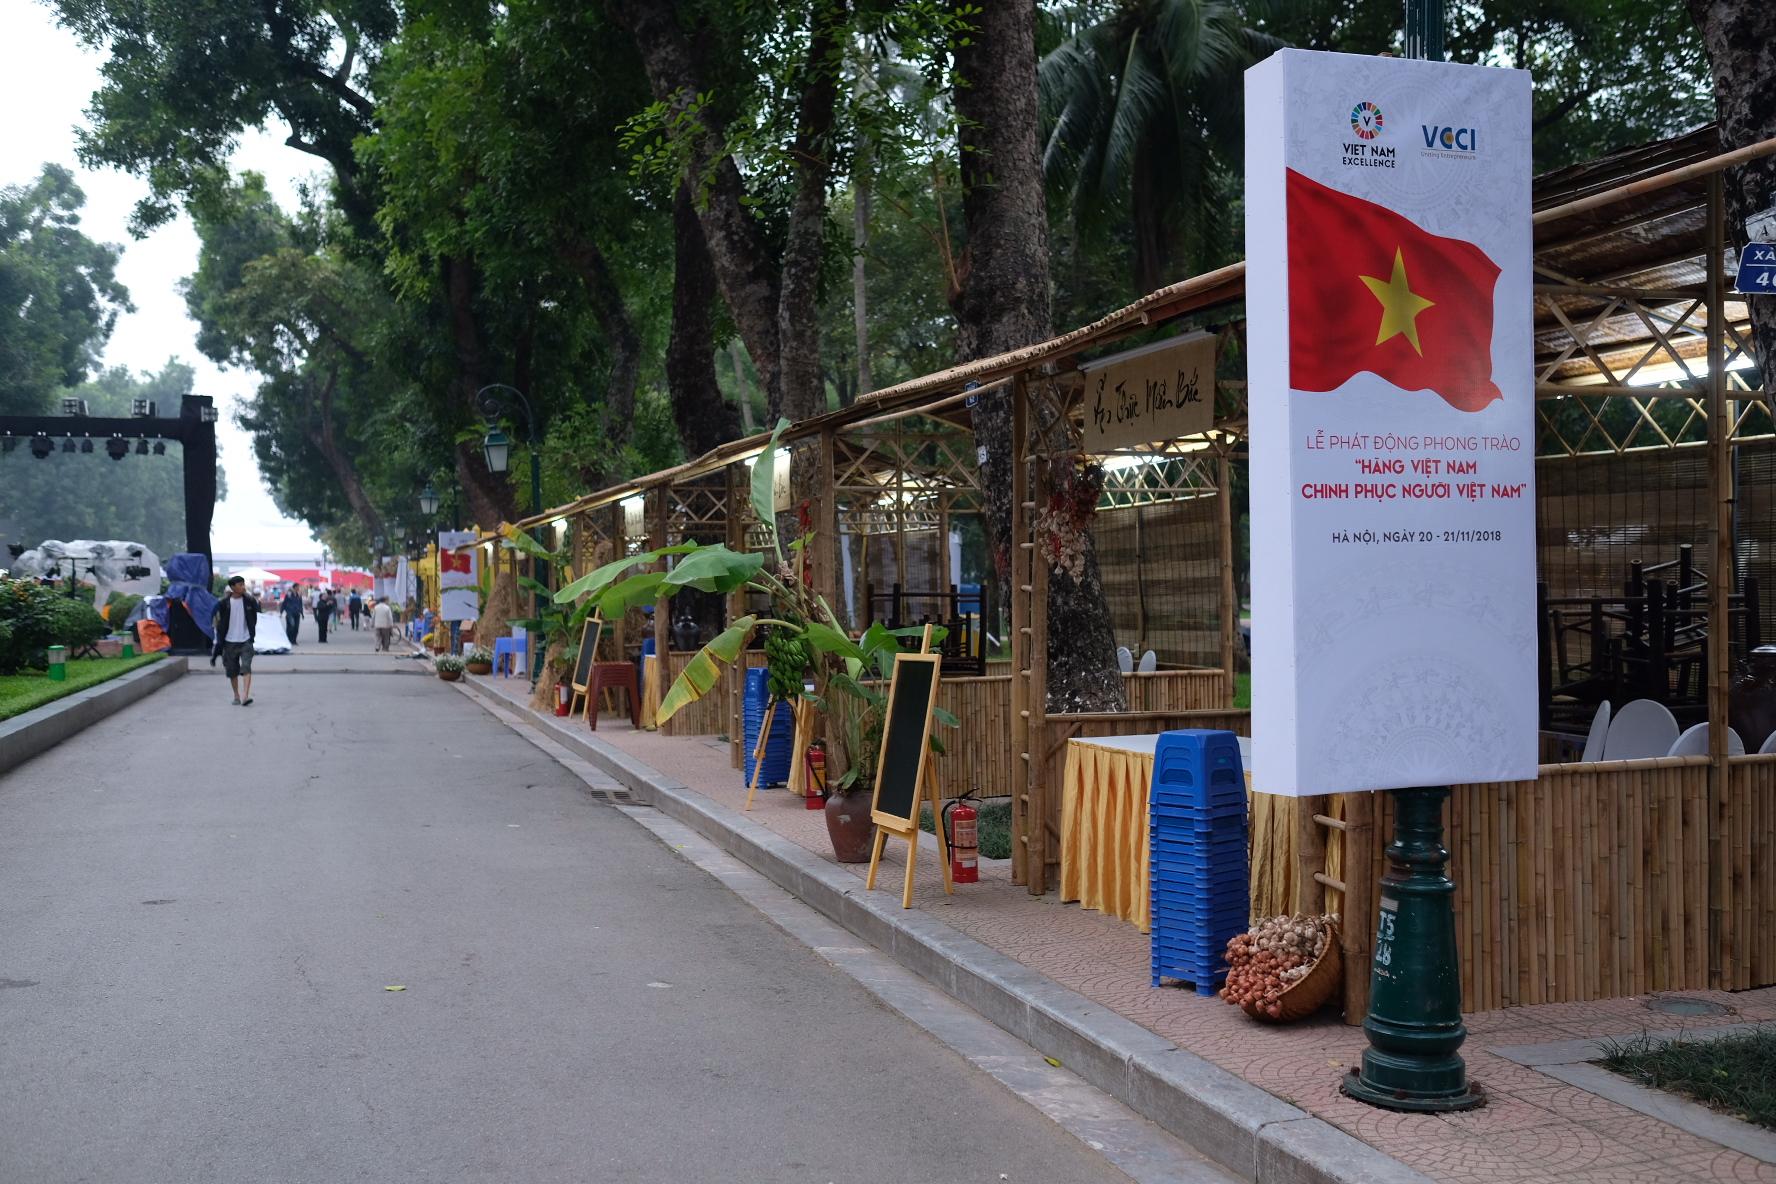 Những hình ảnh mới nhất của ô tô Vinfast chuẩn bị lễ ra mắt tại Hà Nội 17